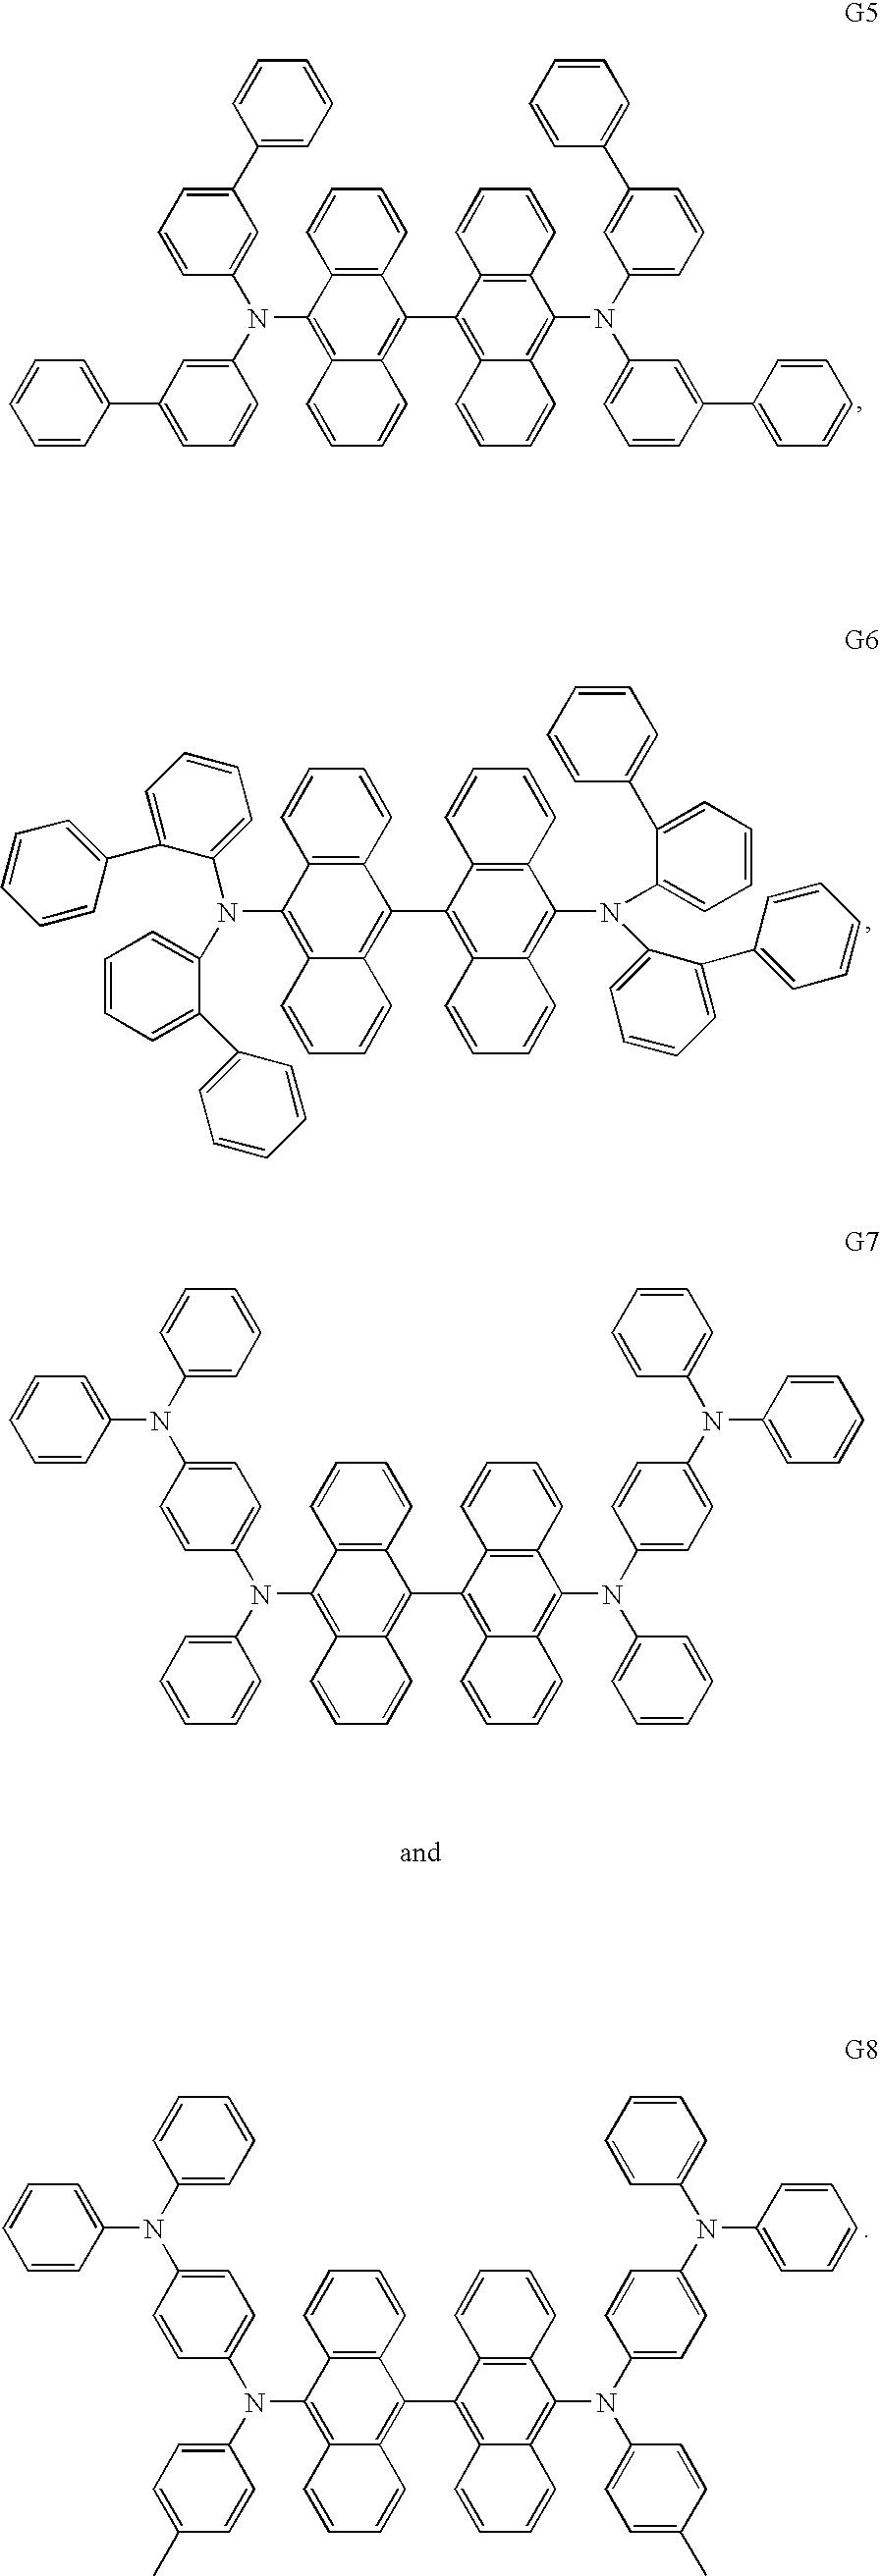 Figure US20070152568A1-20070705-C00005